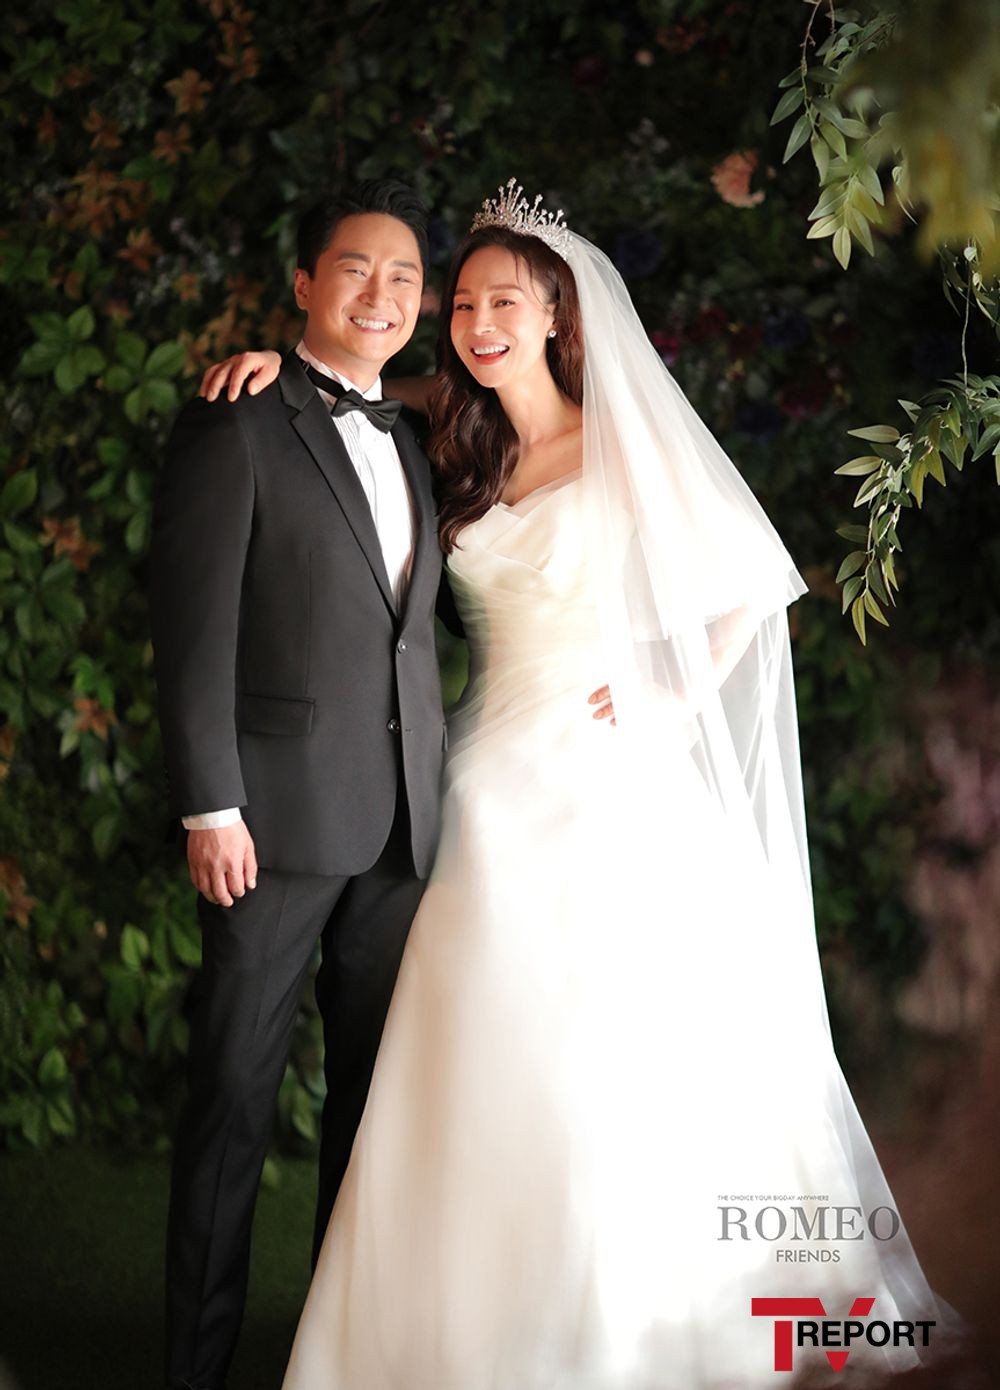 """[단독] '여윤정♥' 홍가람 """"결혼 연기, 당연한 결정...코로나19 종식되길"""" (인터뷰)"""